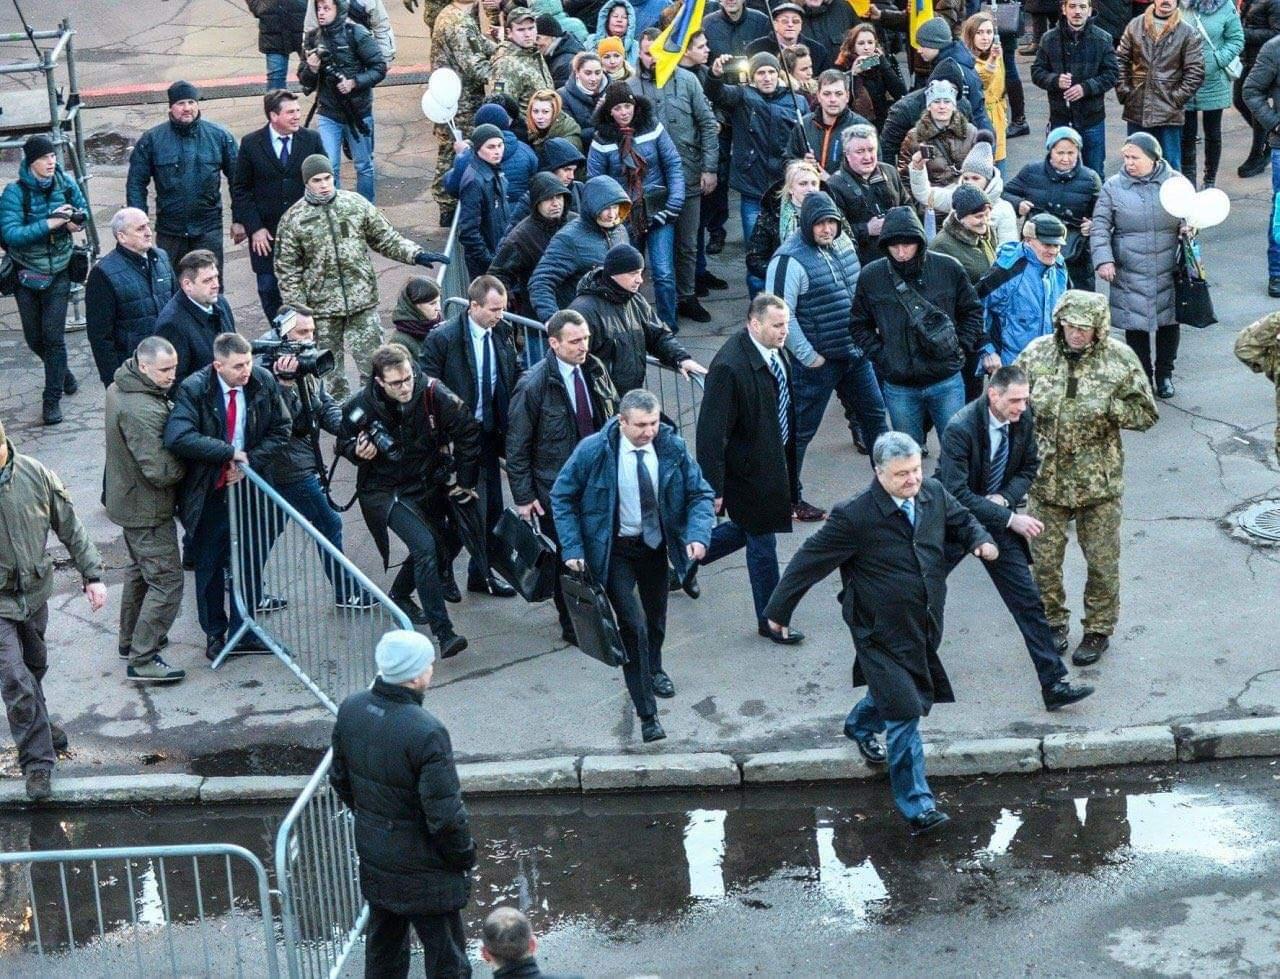 Кровавого недопрезидента Украины Порошенко начали гонять его же нацисты